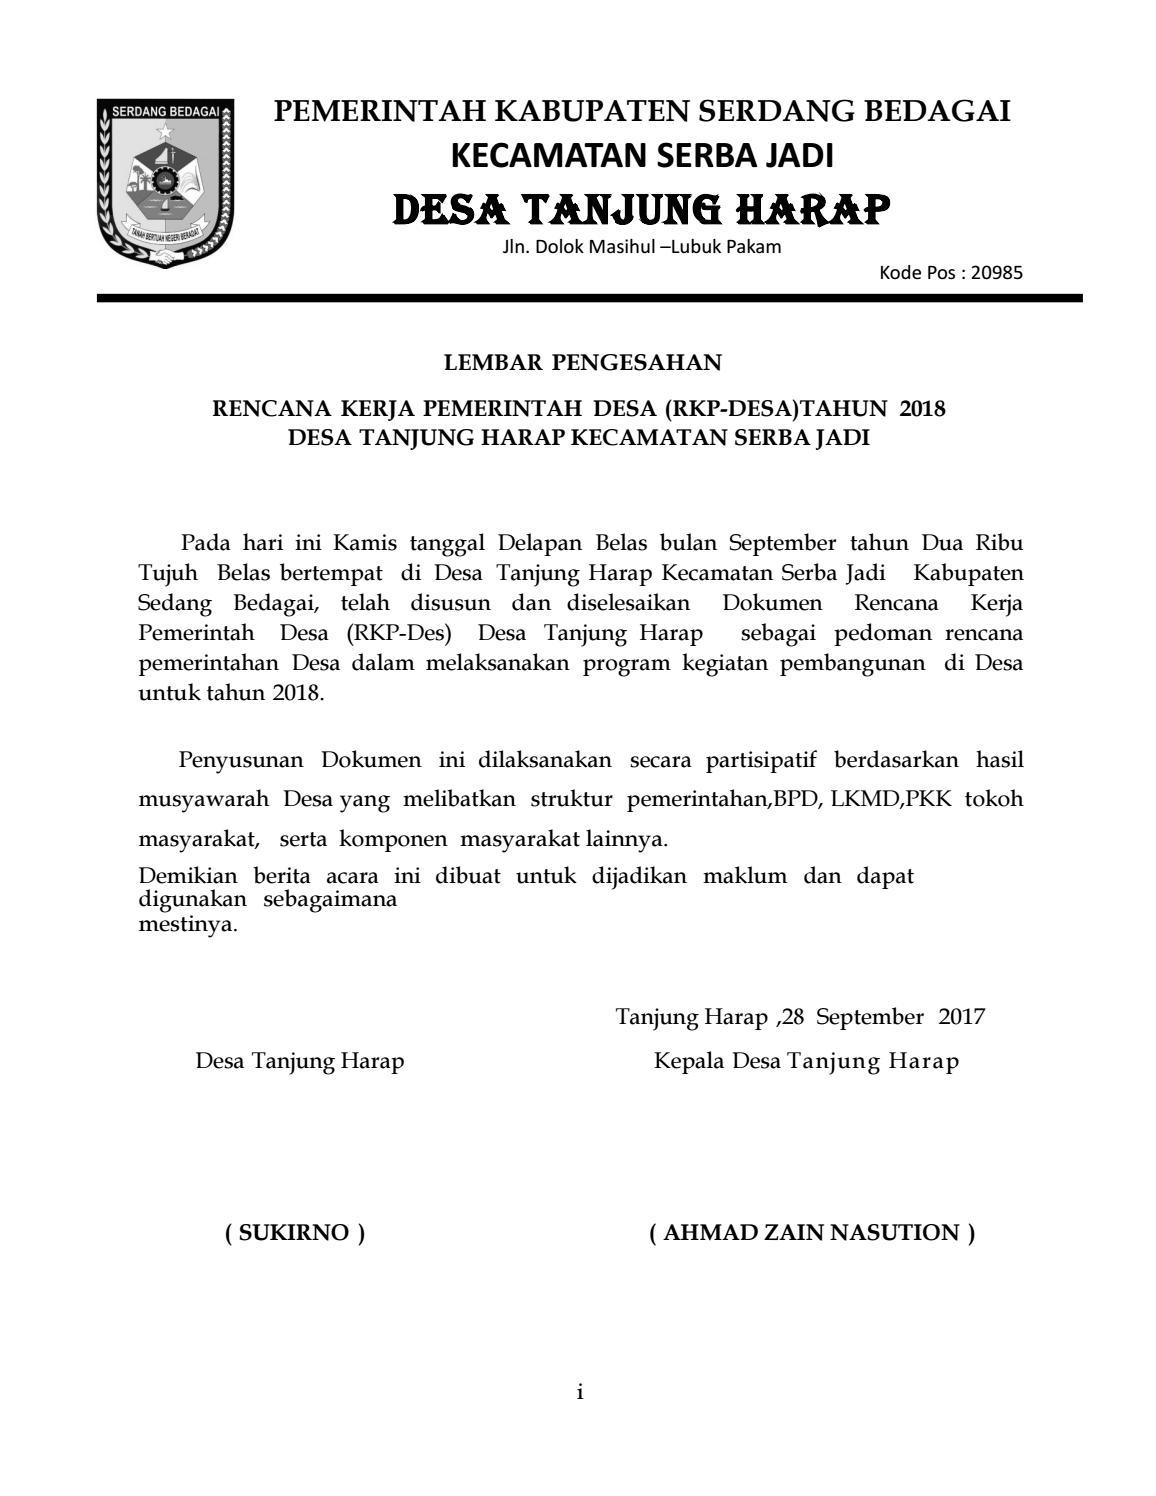 Rkp Desa Tanjung Harap Tahun 2018 By Desa Tanjung Harap Issuu